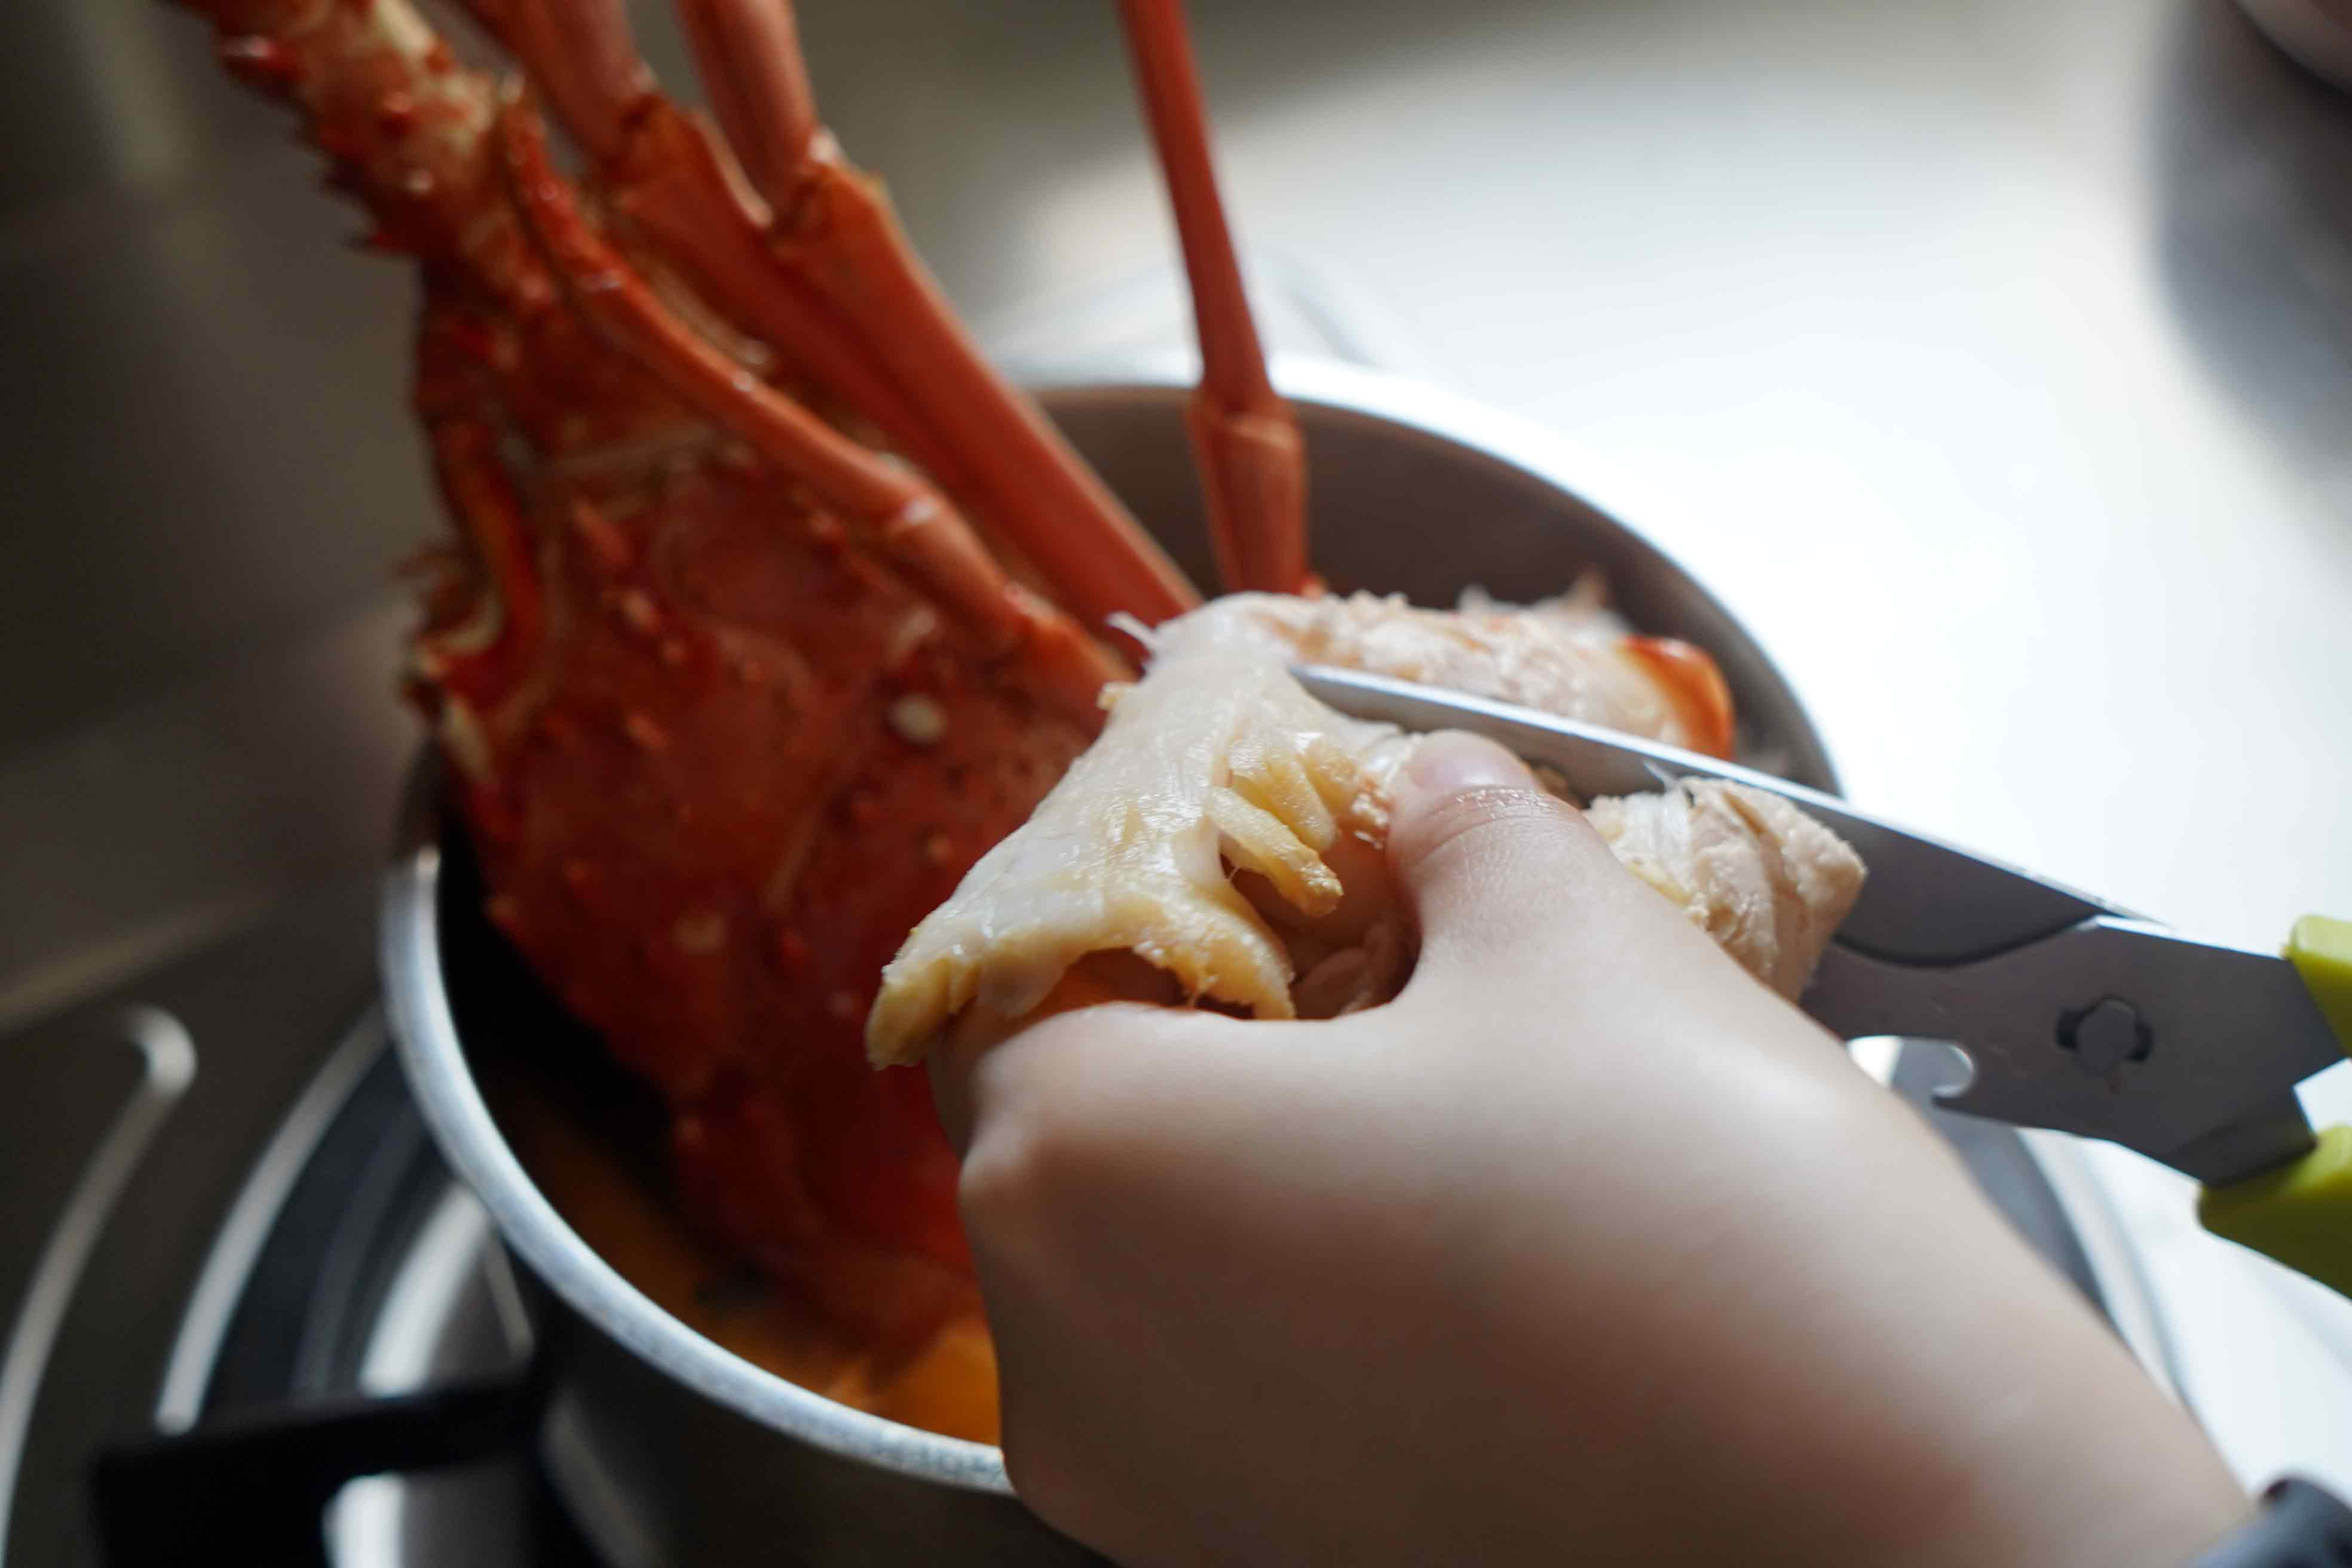 【這樣煮泡麵才好吃】浮誇龍蝦泡麵 幾個步驟對了就更美味